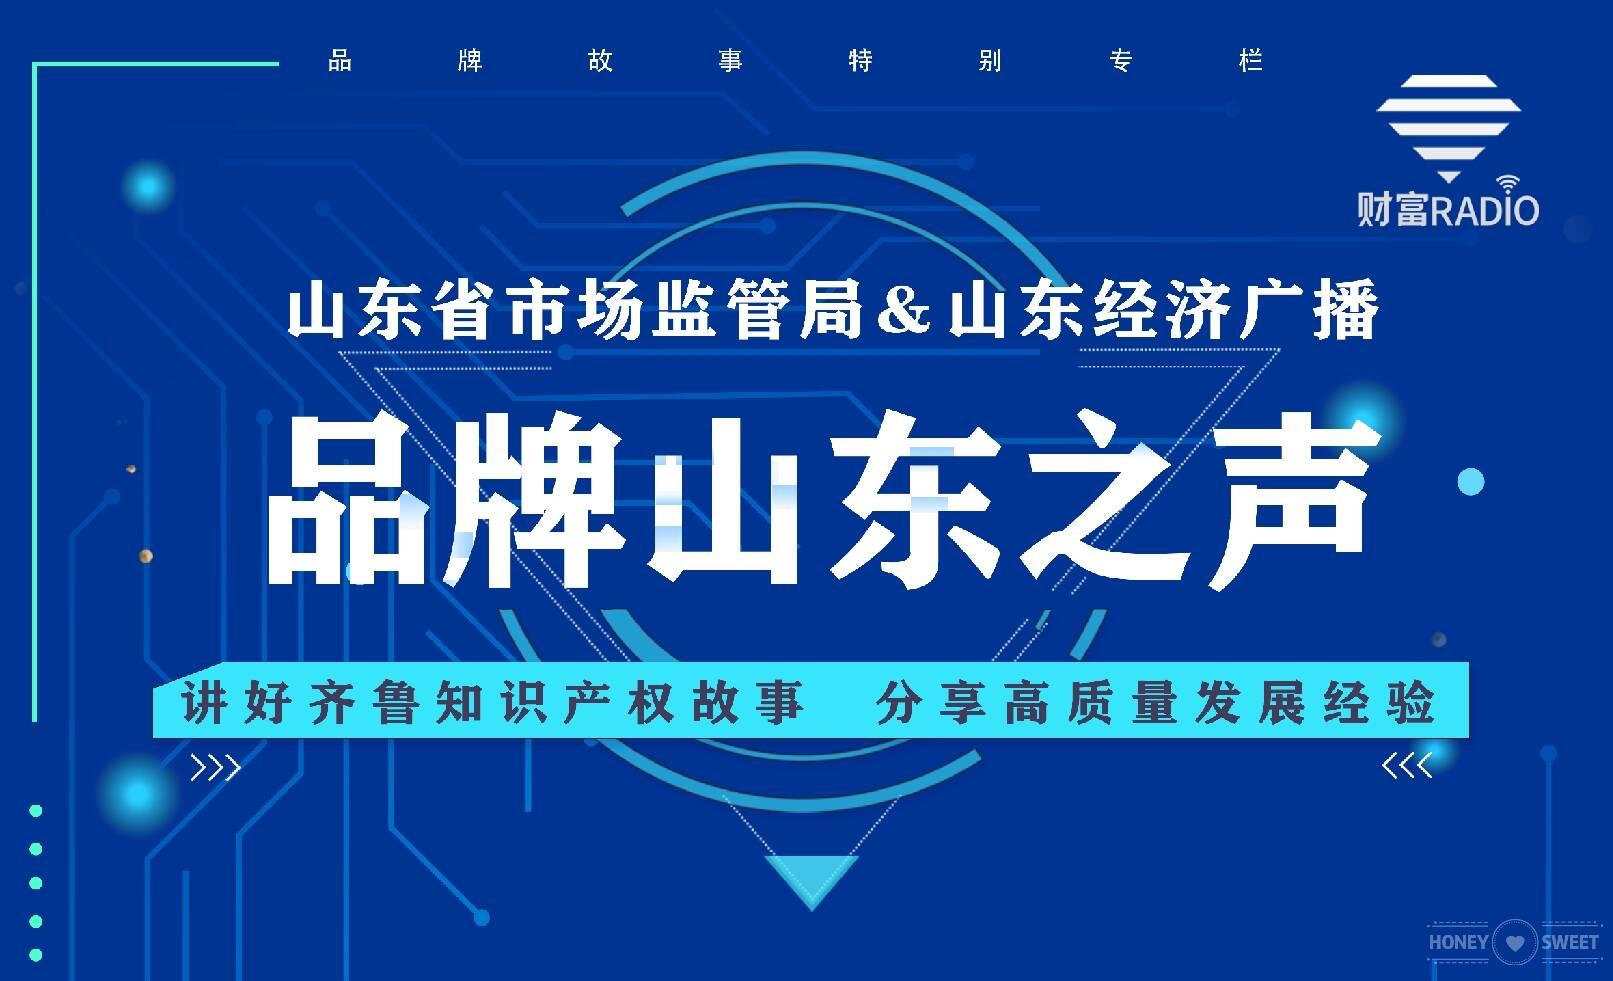 """食安山东""""双城记"""":青岛、烟台创新方法、聚焦实效,五一节前联袂打造放心""""海味""""!"""